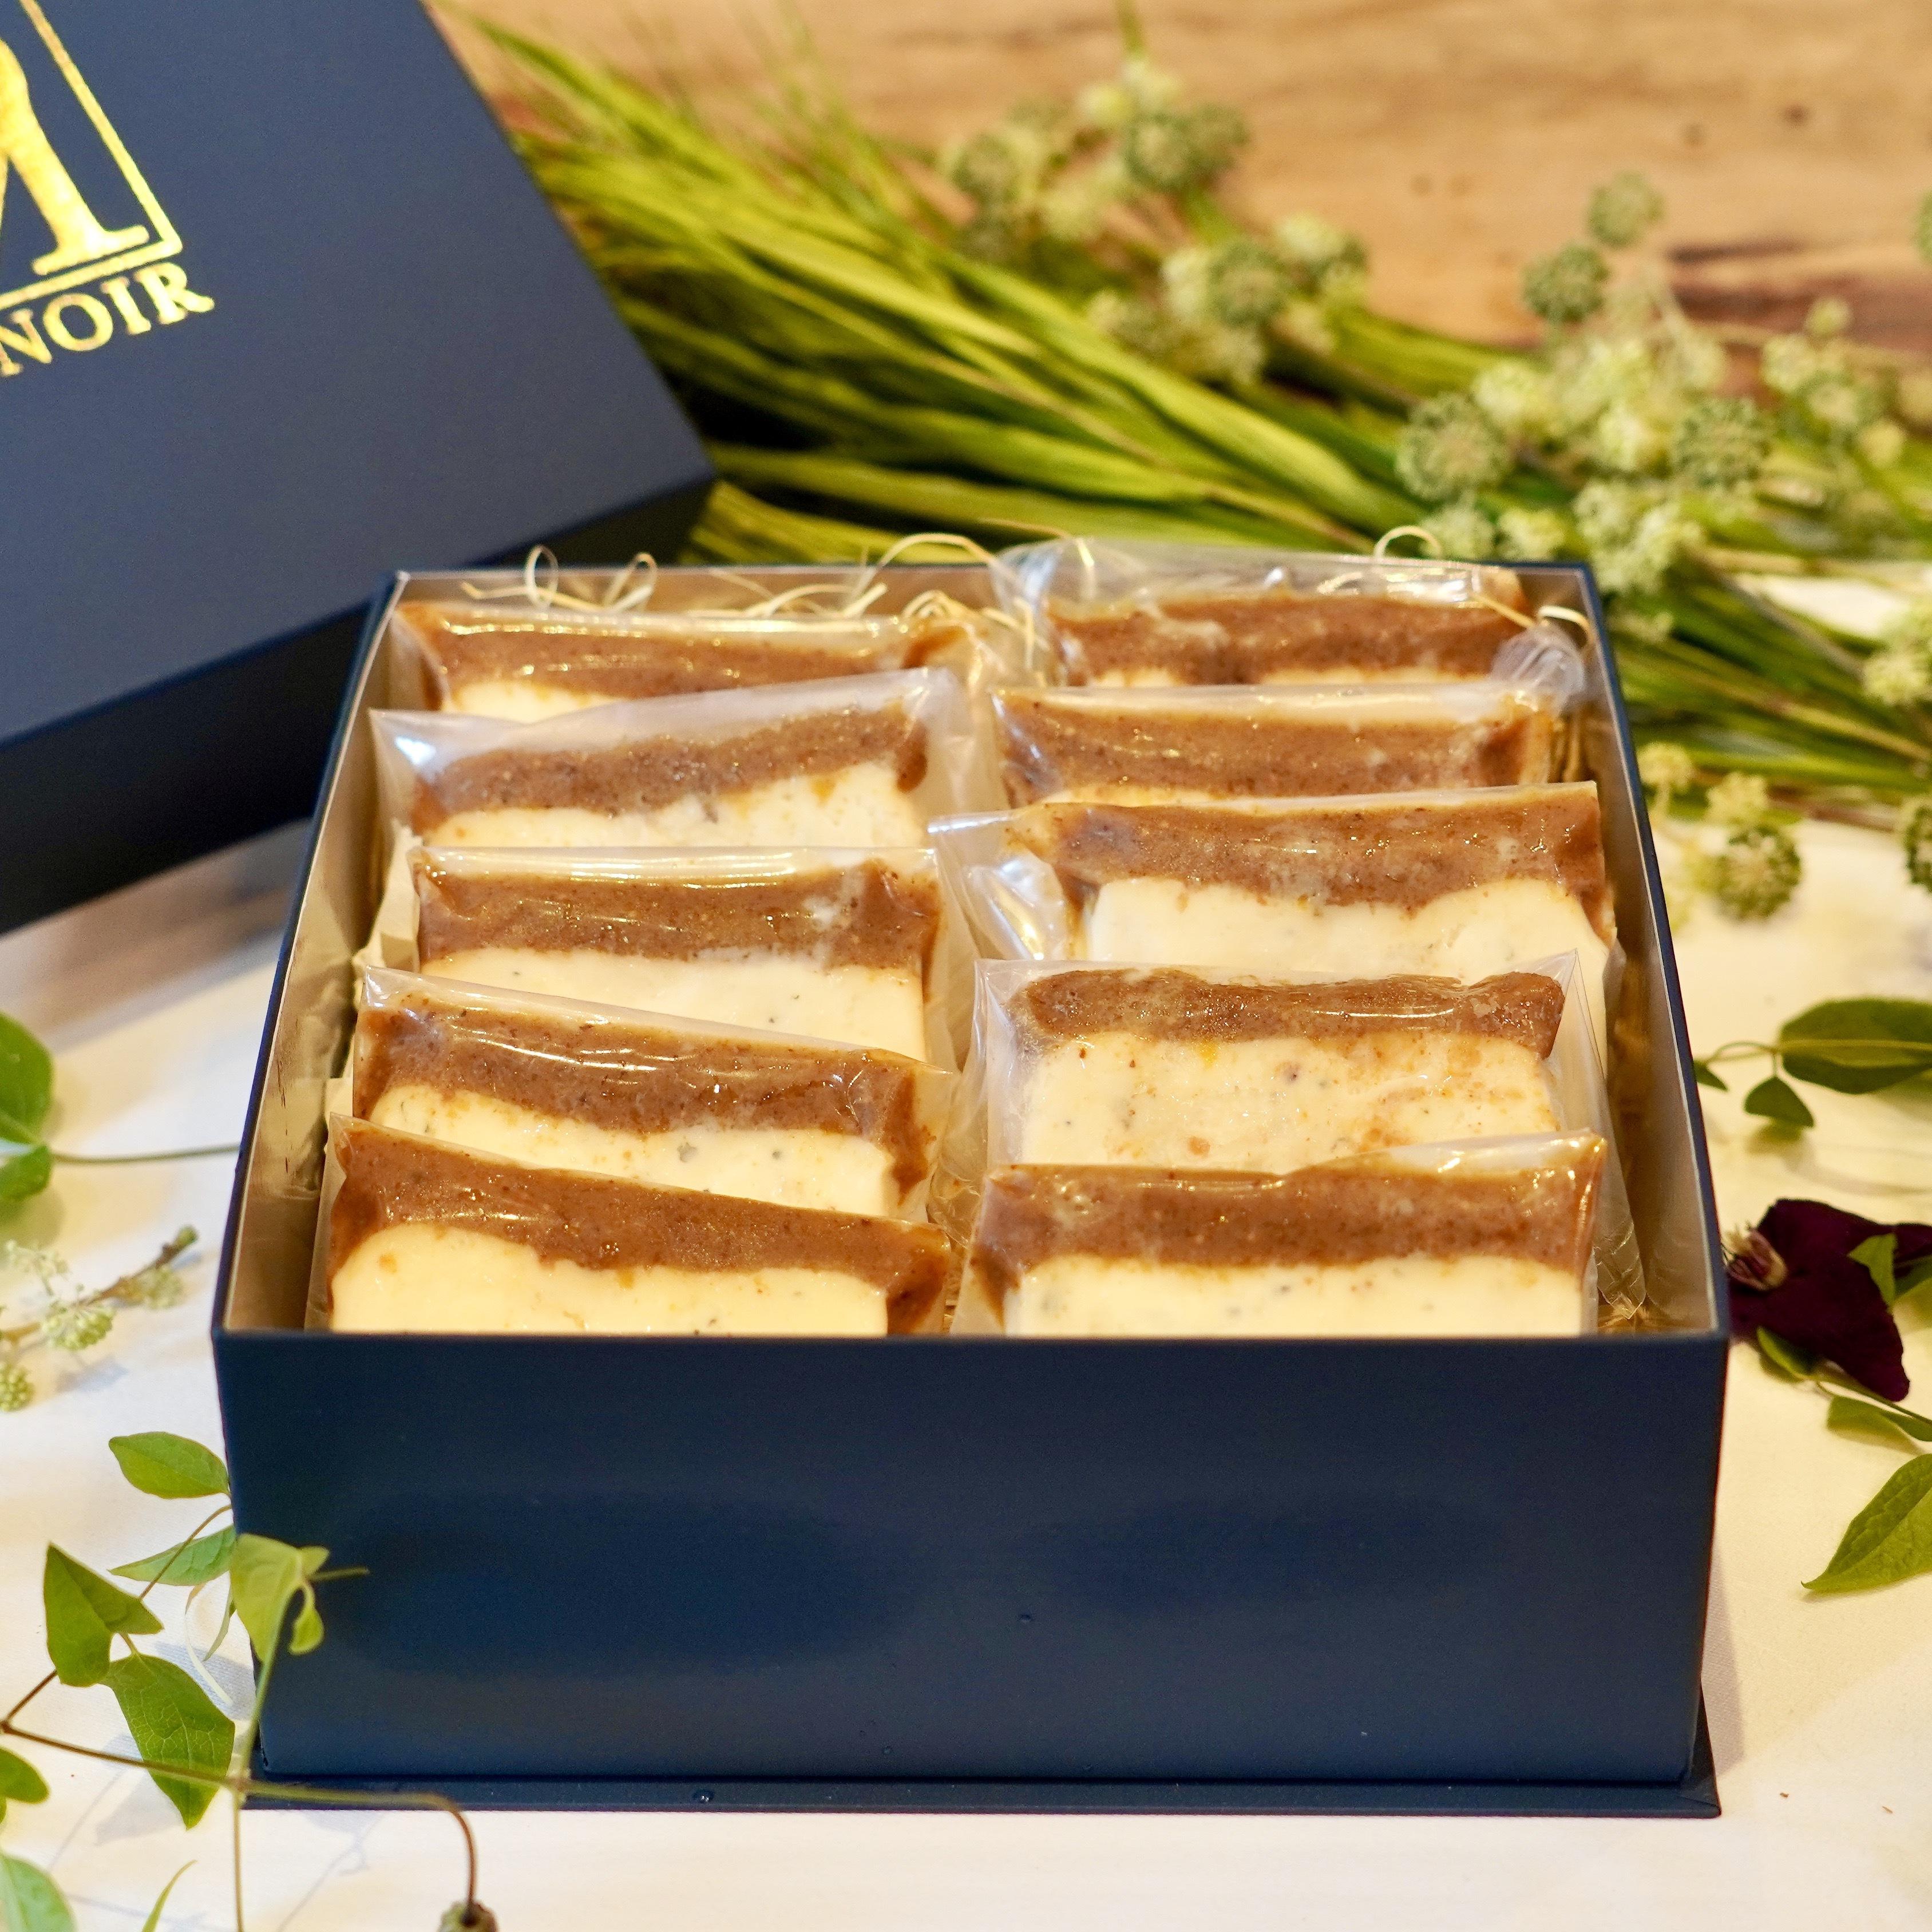 ロックフォールとシャトーディケムのチーズケーキ10枚入りセット